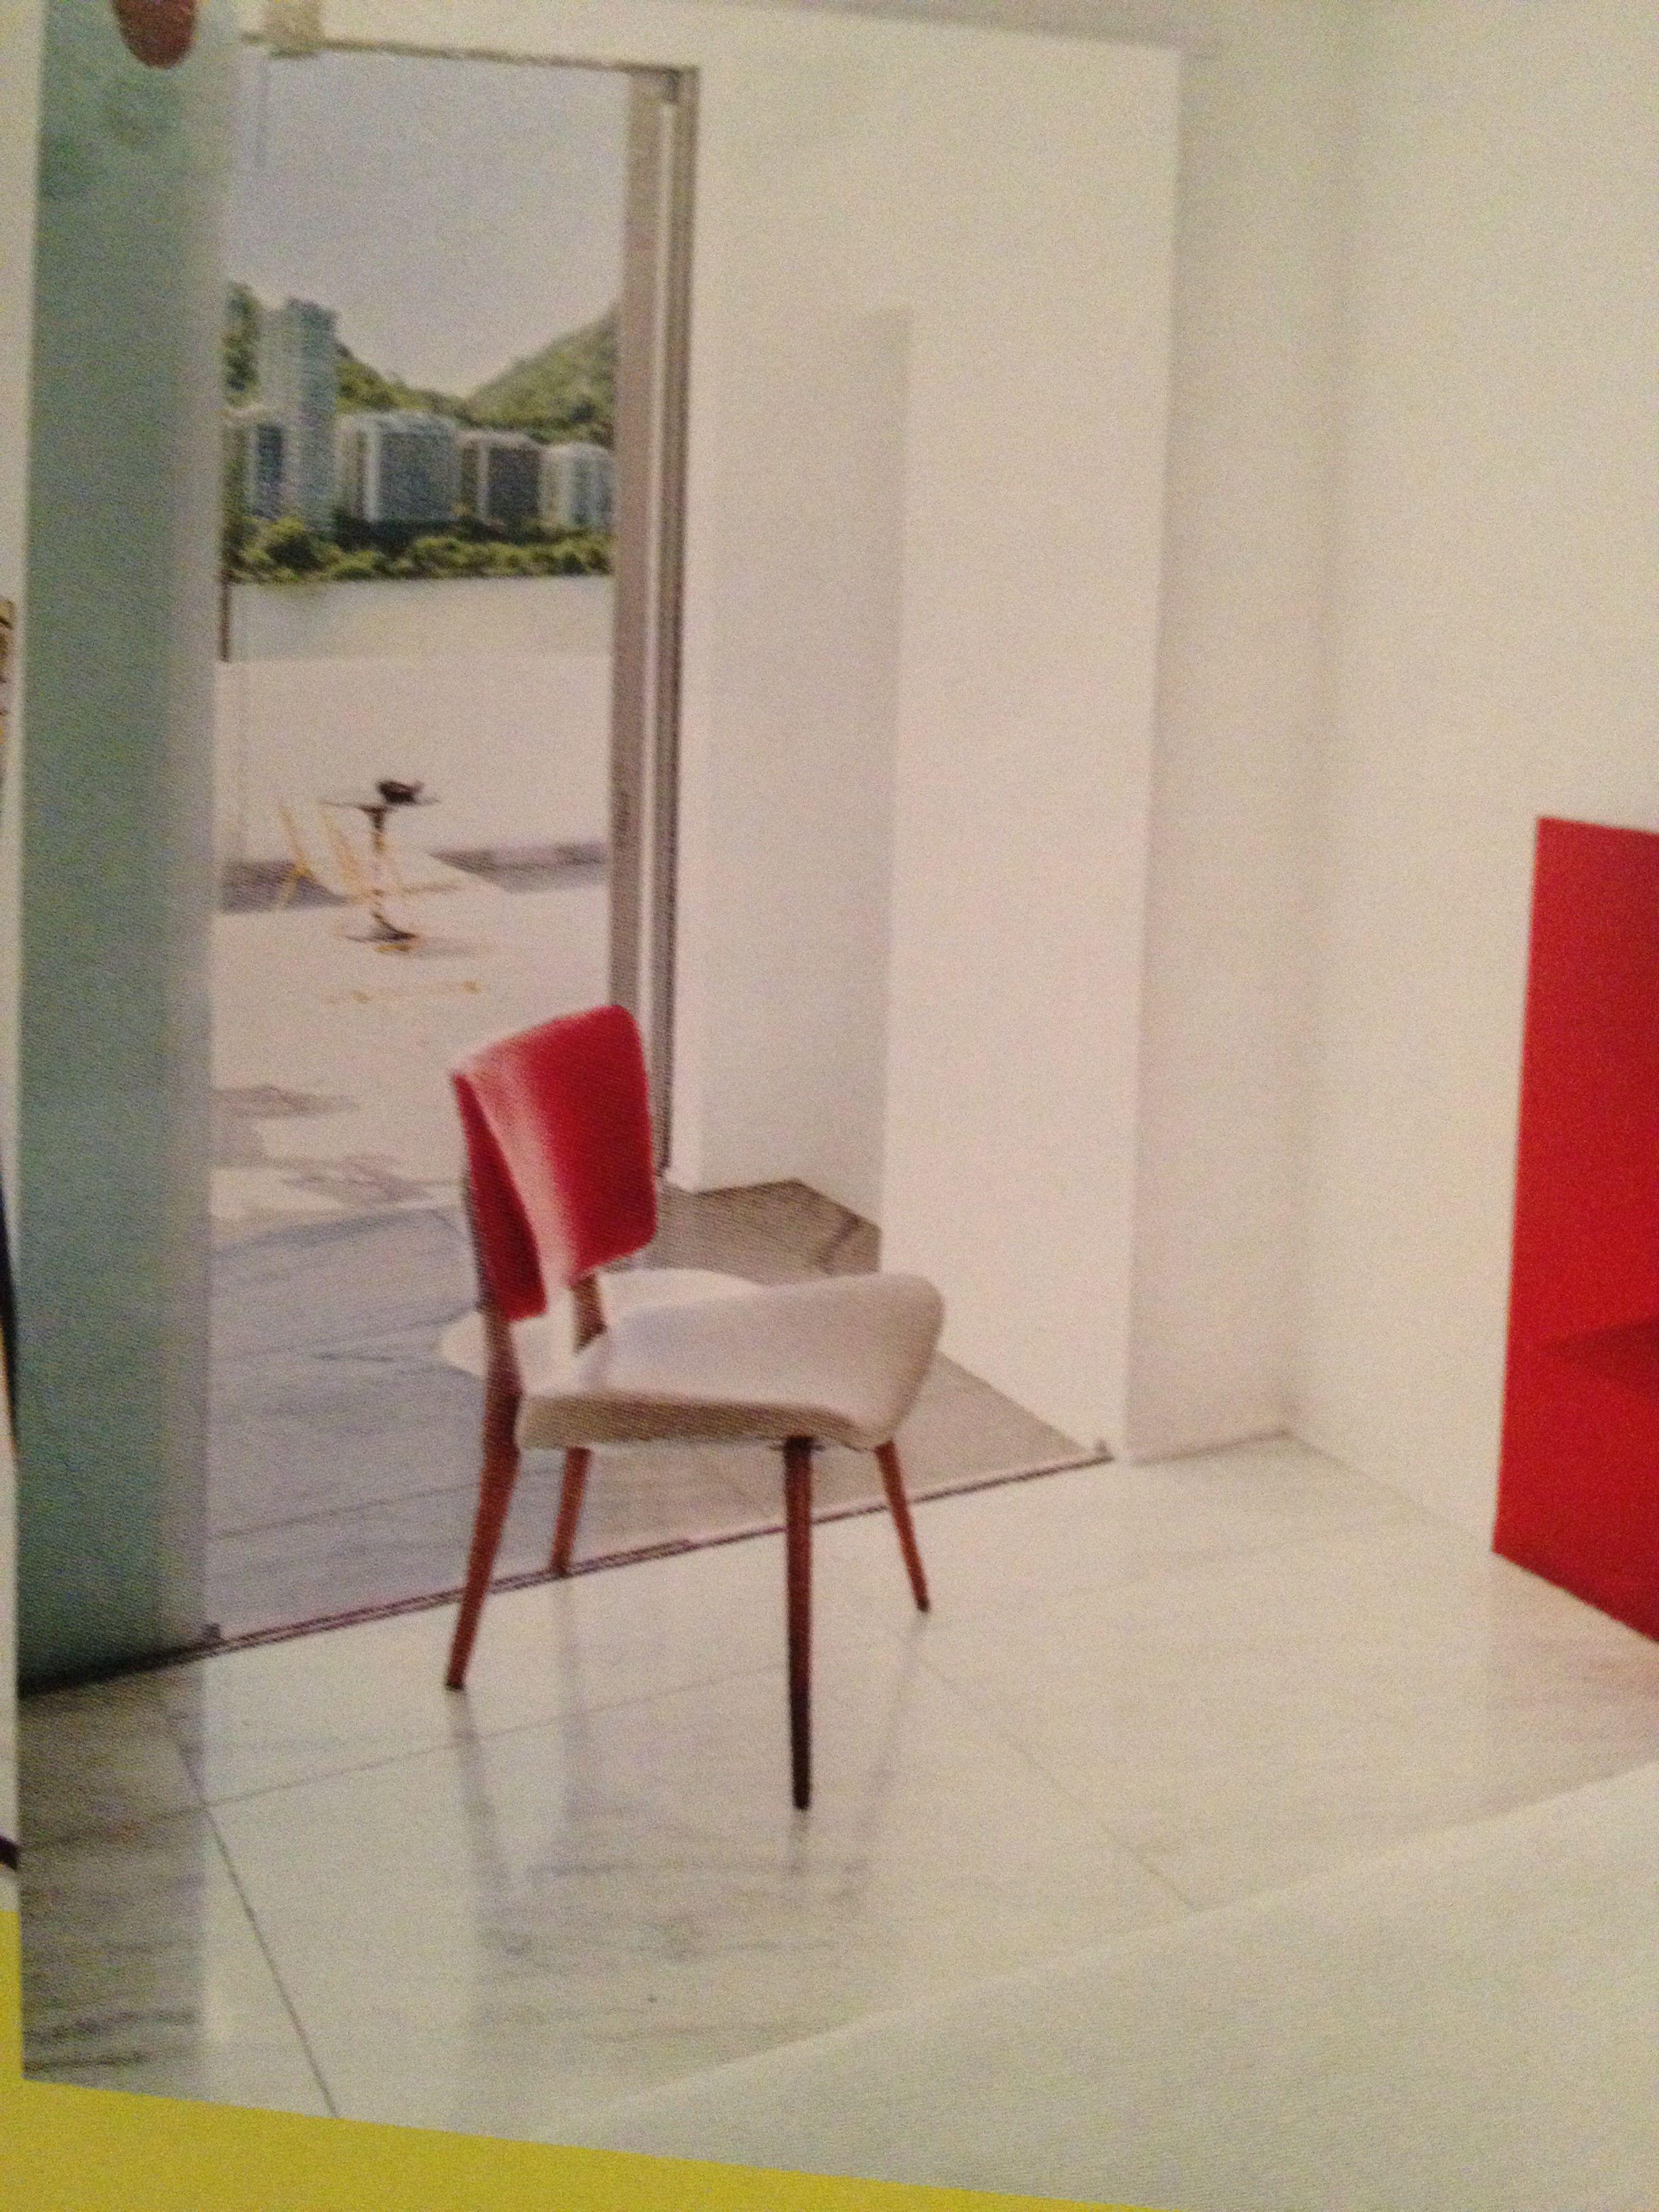 Weiß roter Stuhl | Stühle | Pinterest | Rote stühle, Stuhl und Rot